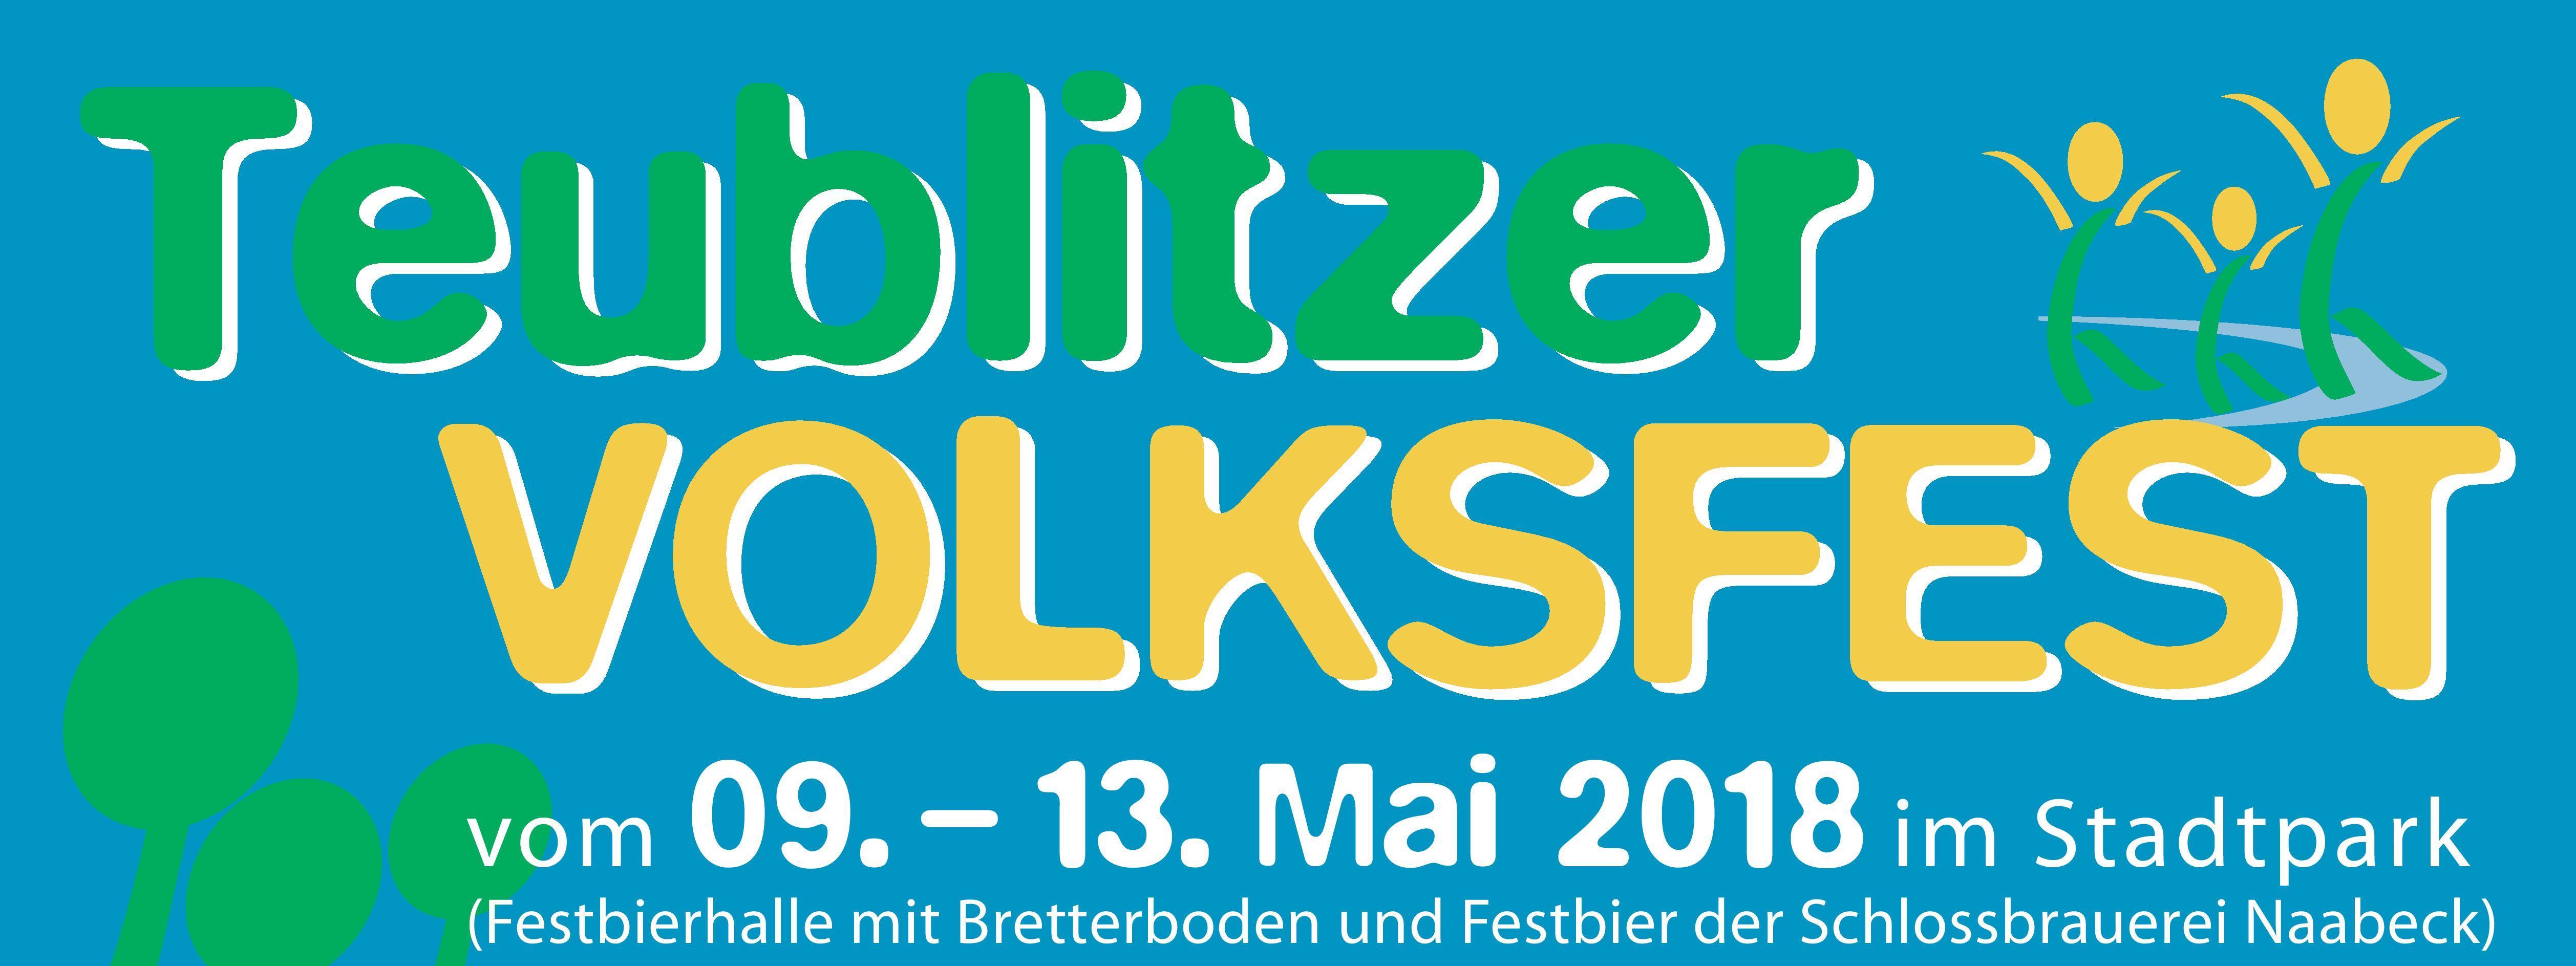 Information zur Anfahrt & Parken am Teublitzer Volksfest 2018